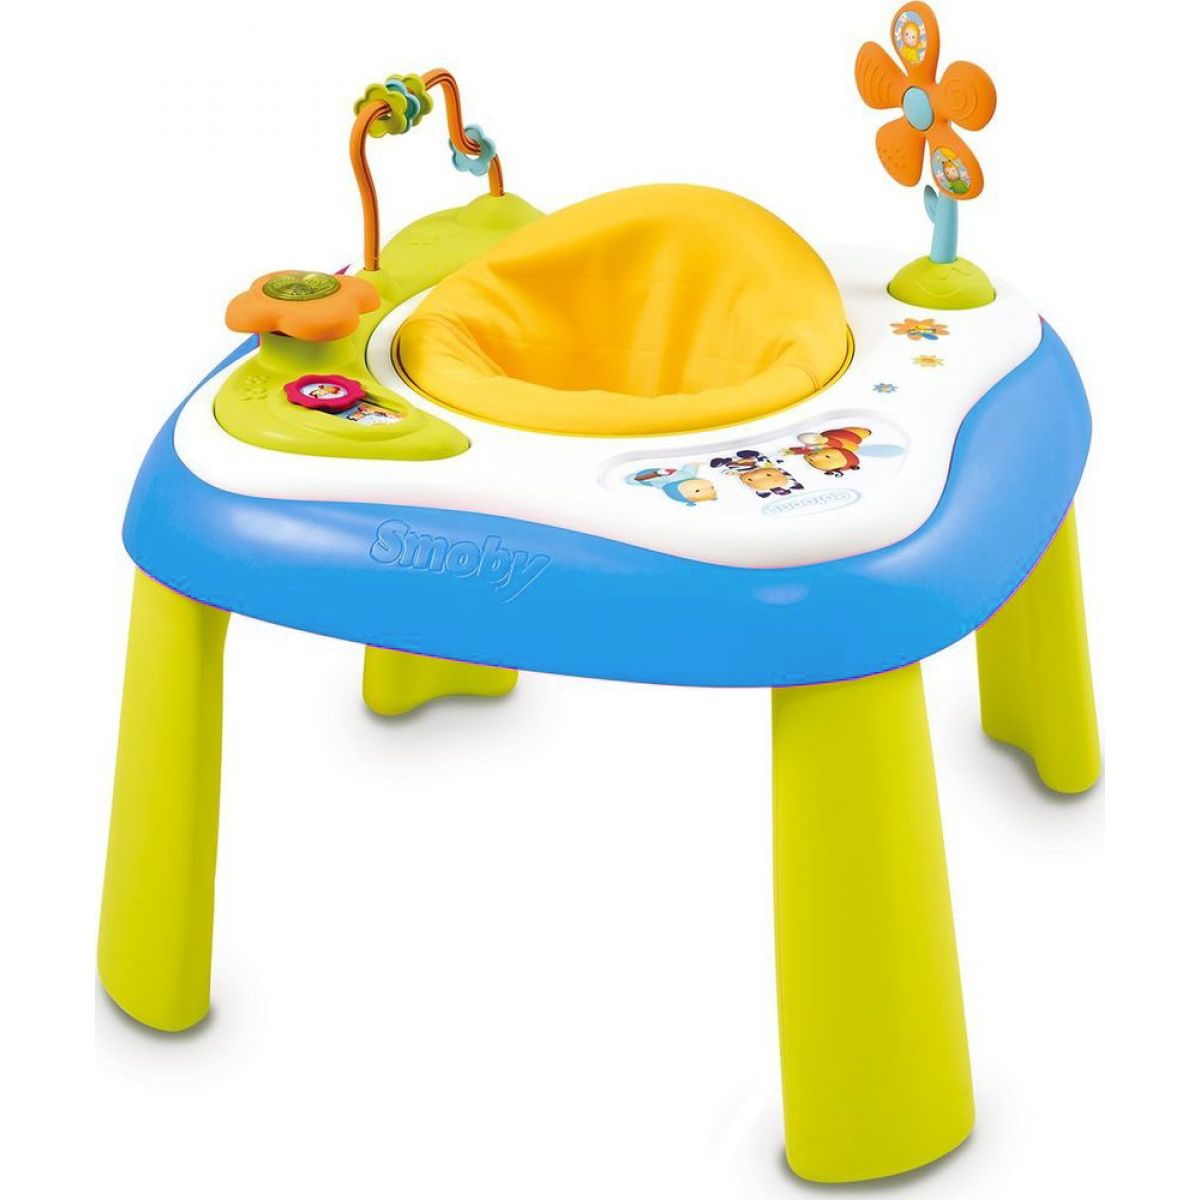 Smoby Cotoons Multifunkční hrací stůl se sedátkem - Modrý